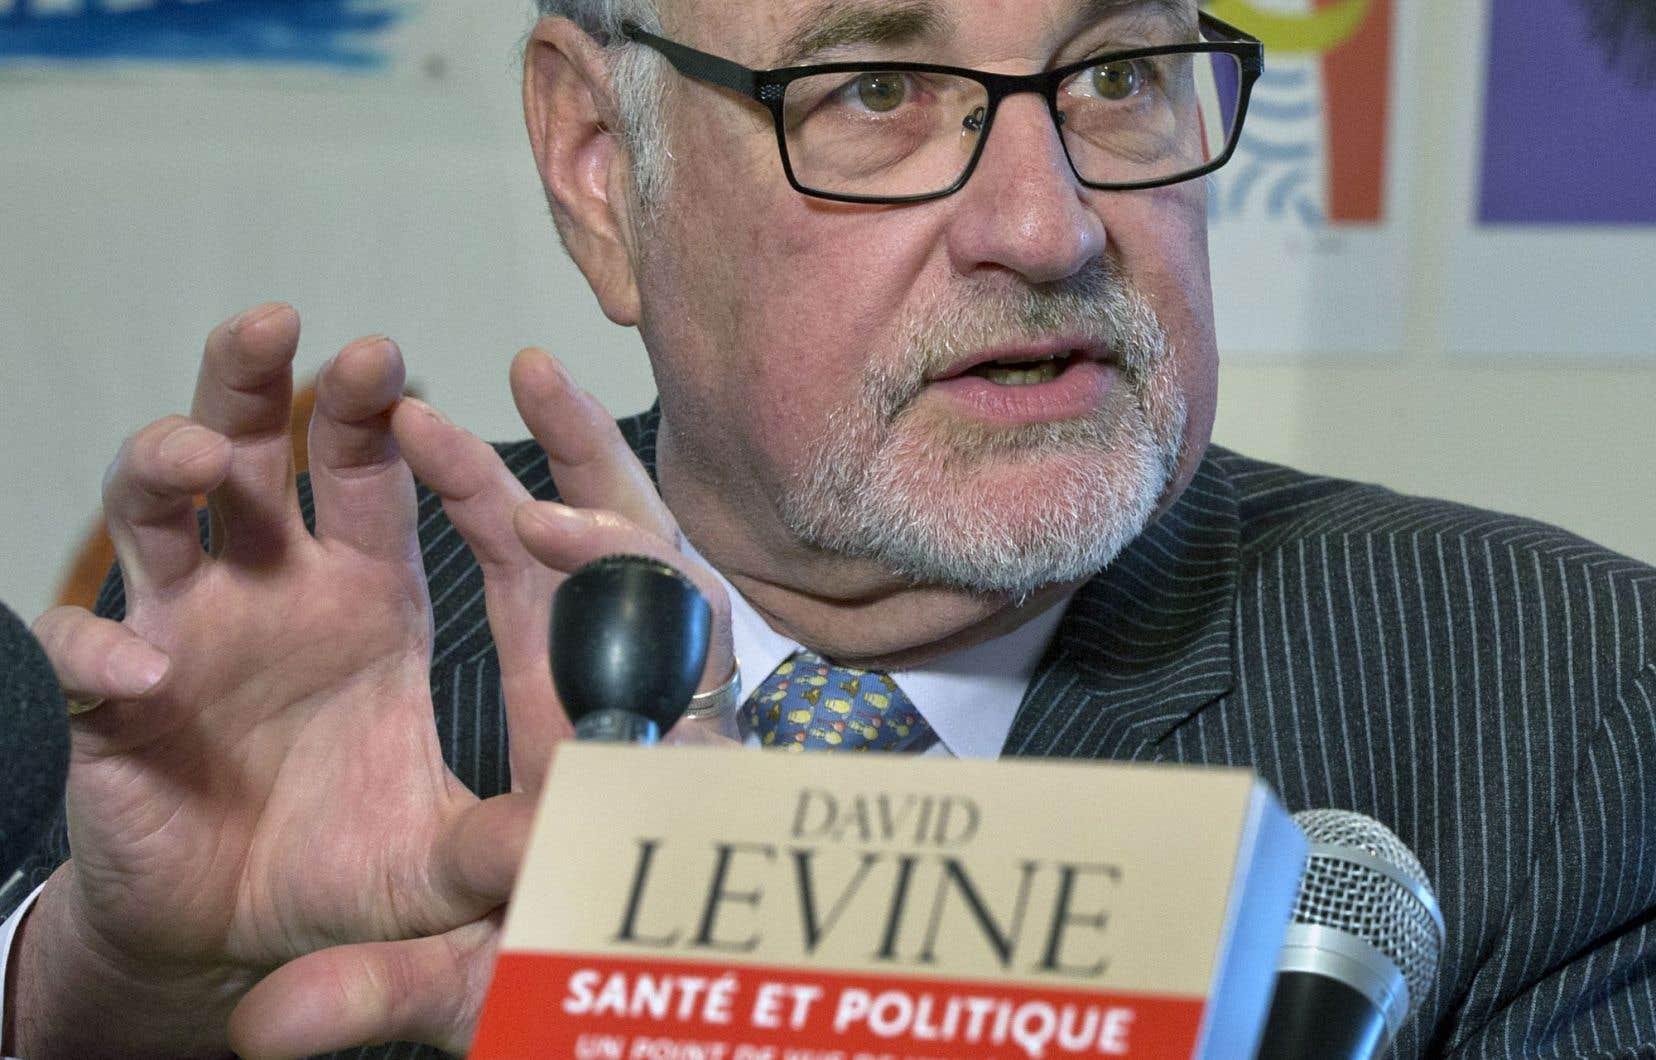 David Levine raconte son expérience de gestionnaire et propose des solutions pour améliorer le système de santé québécois dans son livre «Santé et politique, un point de vue de l'intérieur», publié chez Boréal.